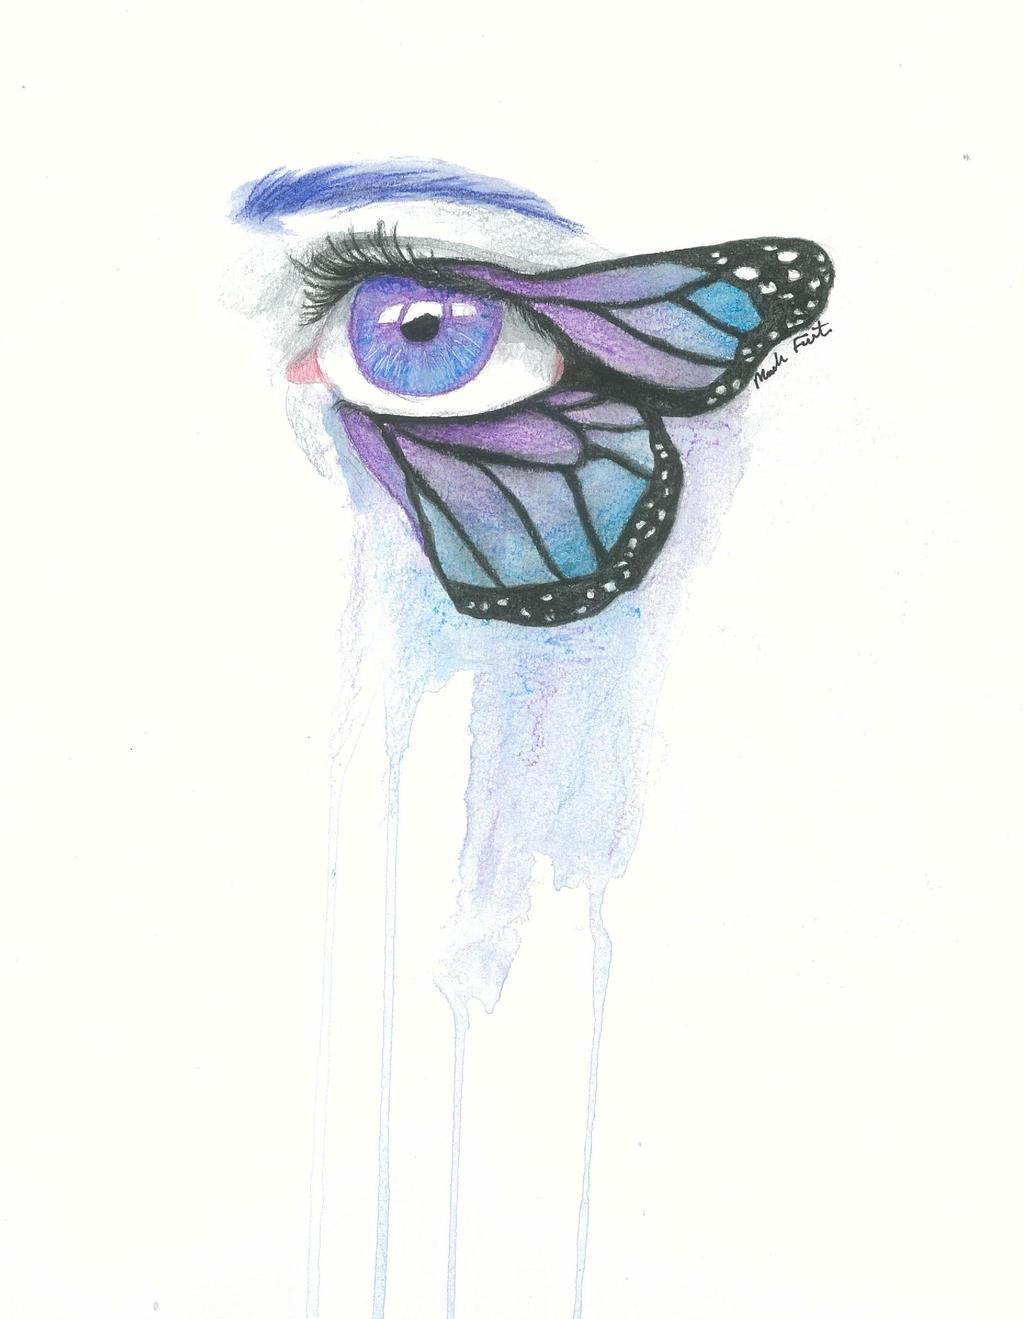 Butterfly Eye by MoaVBritannia